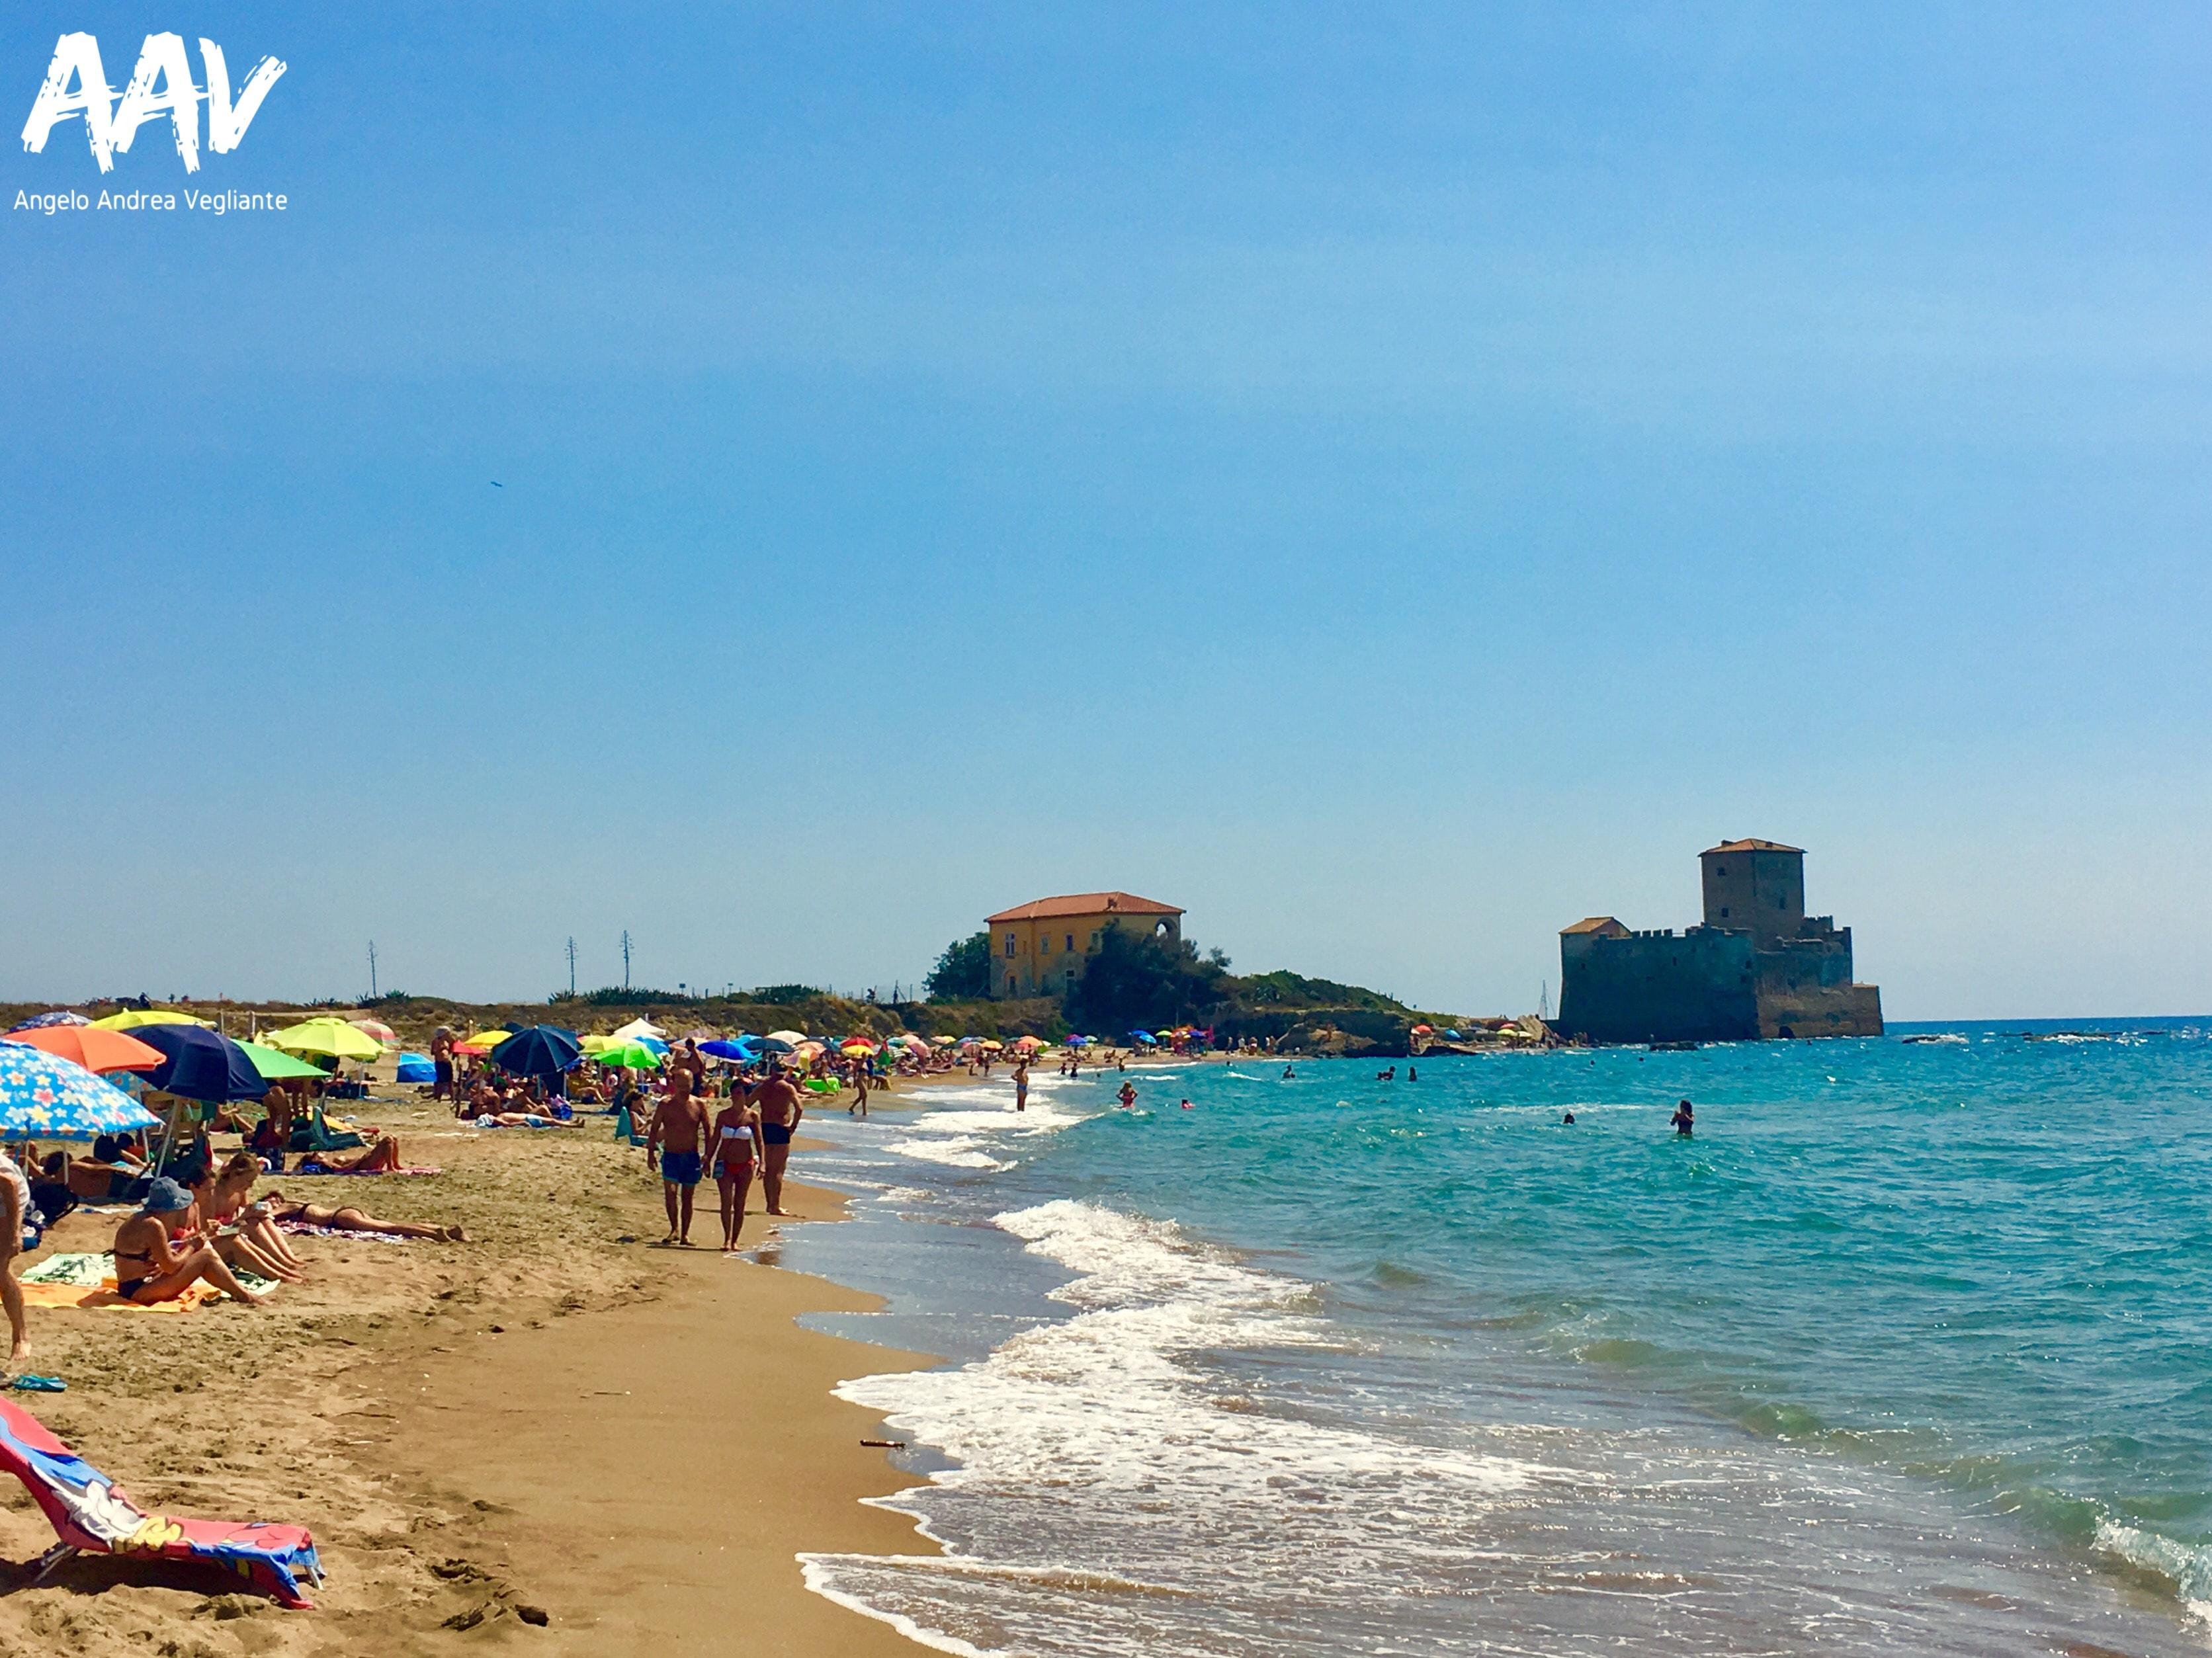 torre astura-spiaggia-estate-angelo andrea vegliante-colui che veglia-colui che viaggia